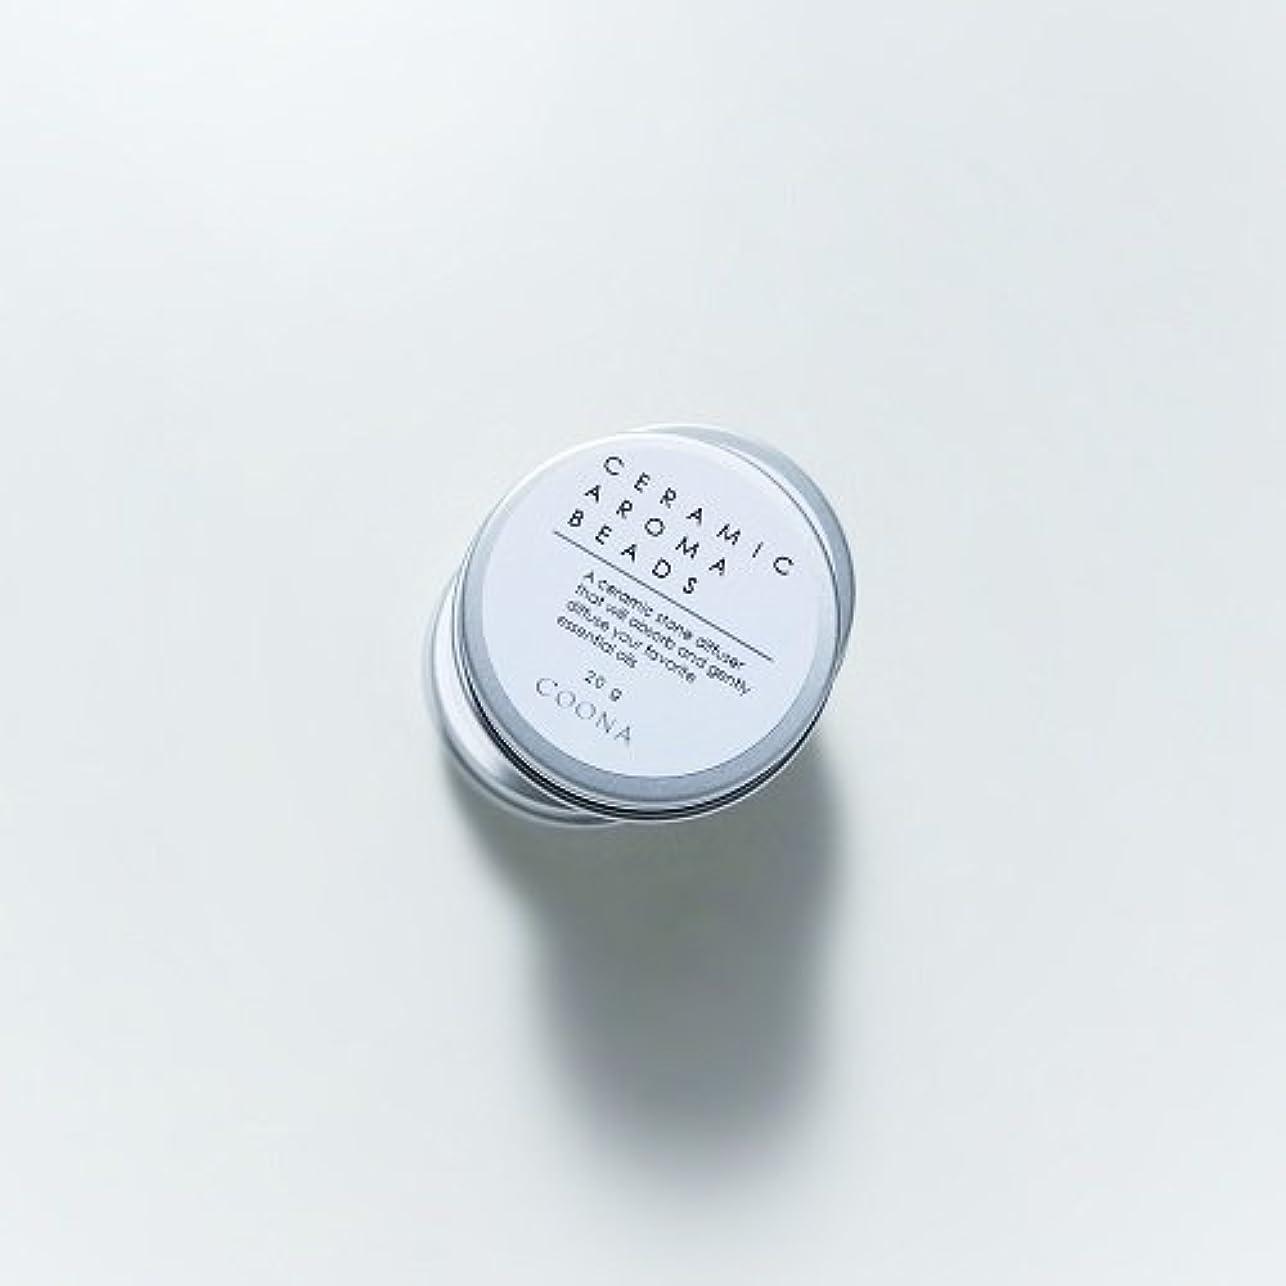 モンキー偽物供給セラミックアロマビーズ(缶入り アロマストーン エコディフューザー)20g×1個